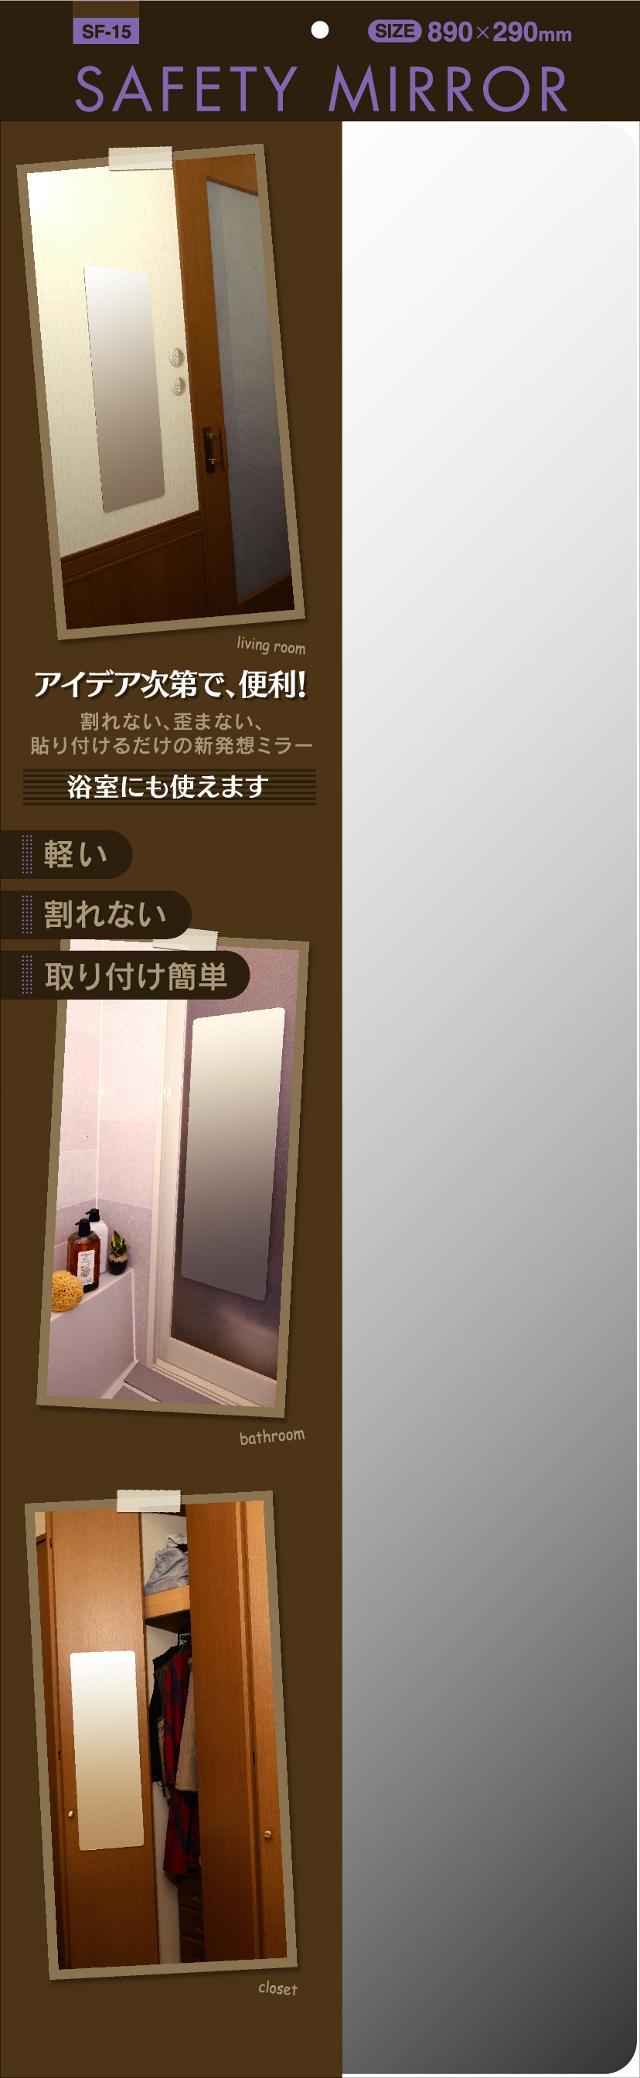 【送料無料】東プレ 割れない!安心・安全!セーフティミラー特大 高さ89×幅29cm 70380150